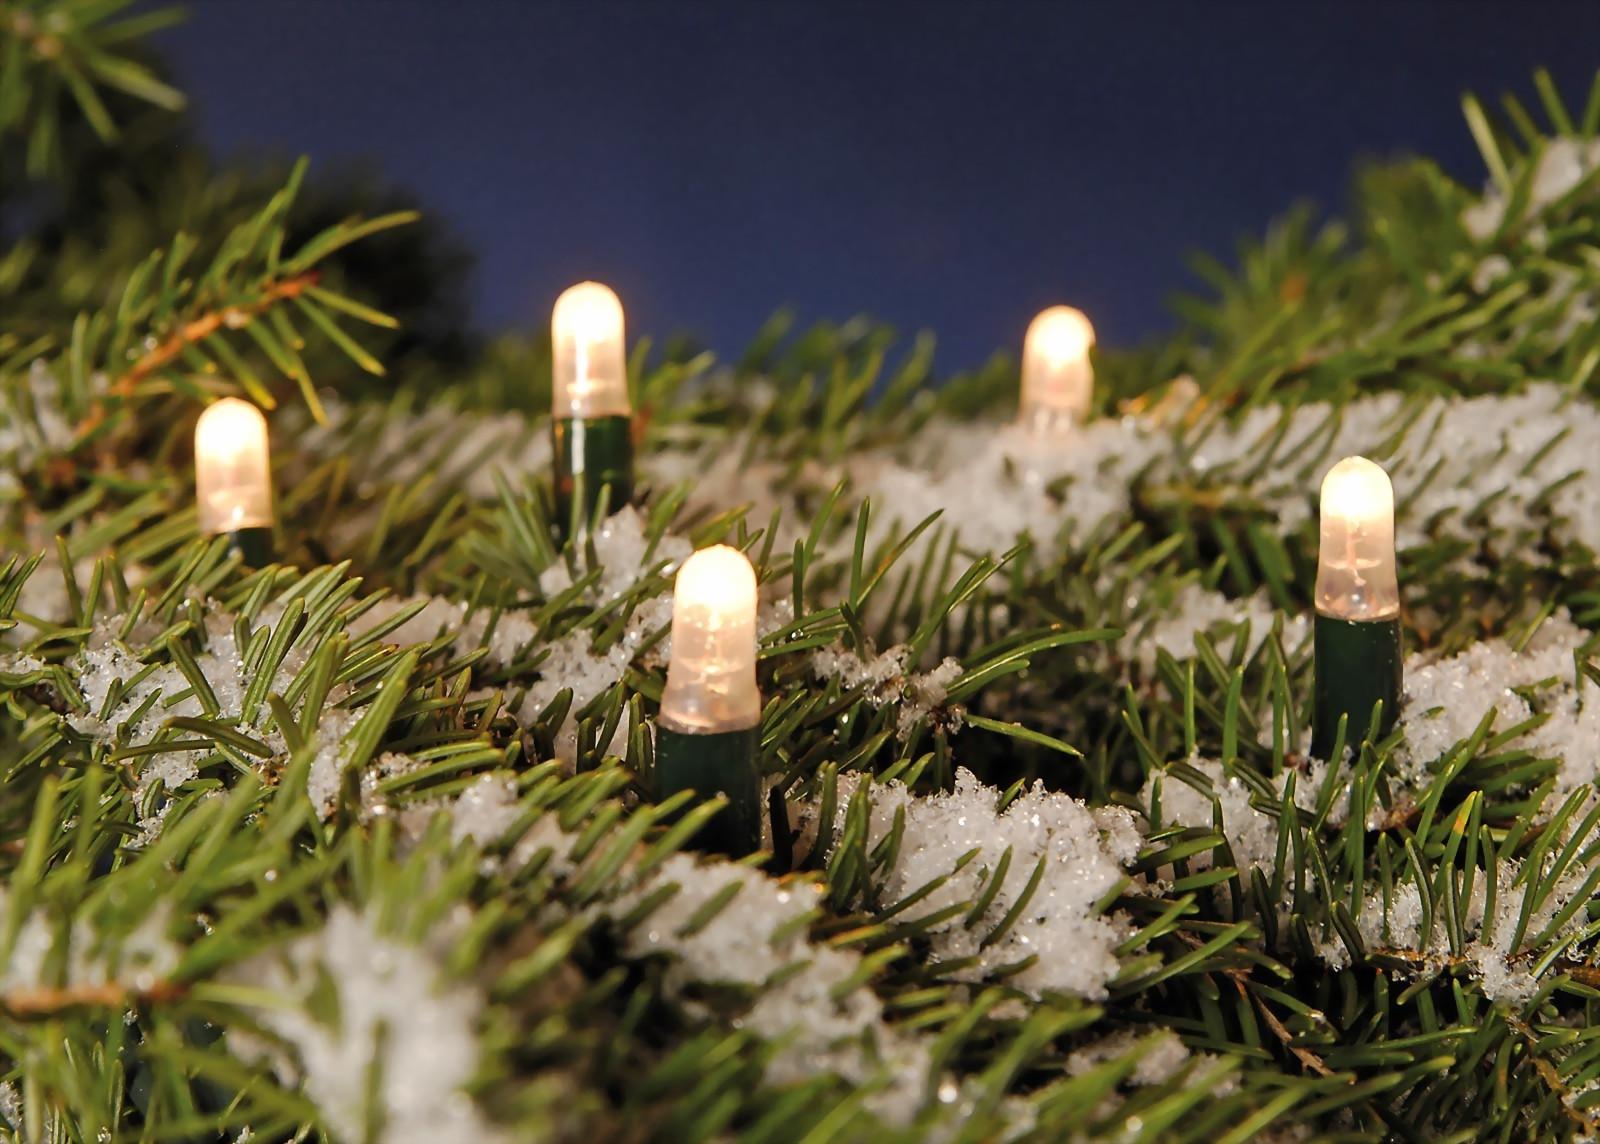 weihnachtliche led lichterkette spart 95 energie gegen ber herk mmlichen lichterketten von. Black Bedroom Furniture Sets. Home Design Ideas